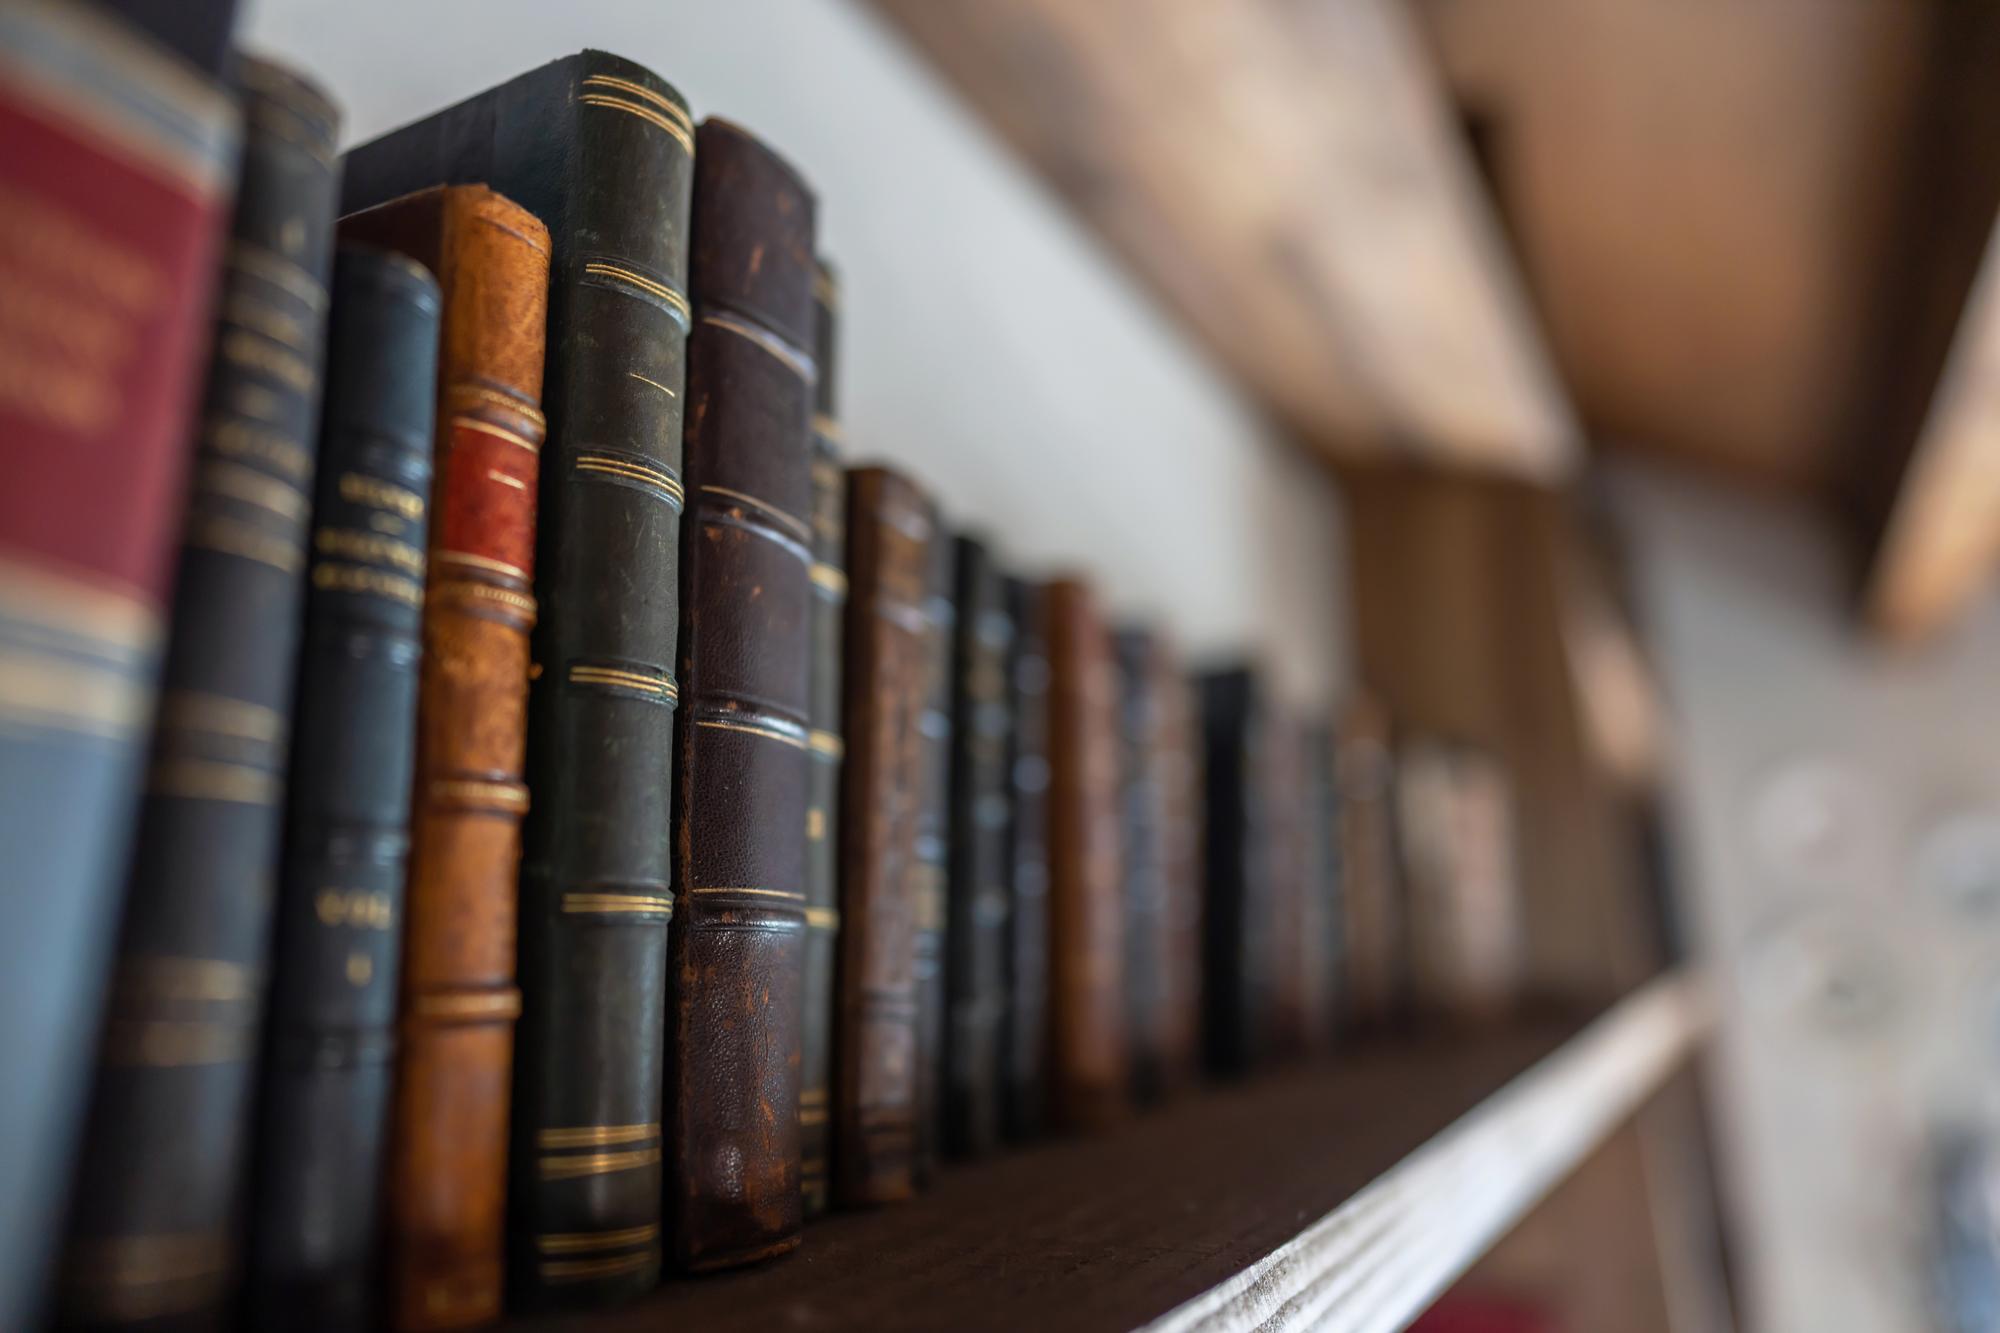 クローゼットを書庫として使う為のオーダーメイド壁面収納